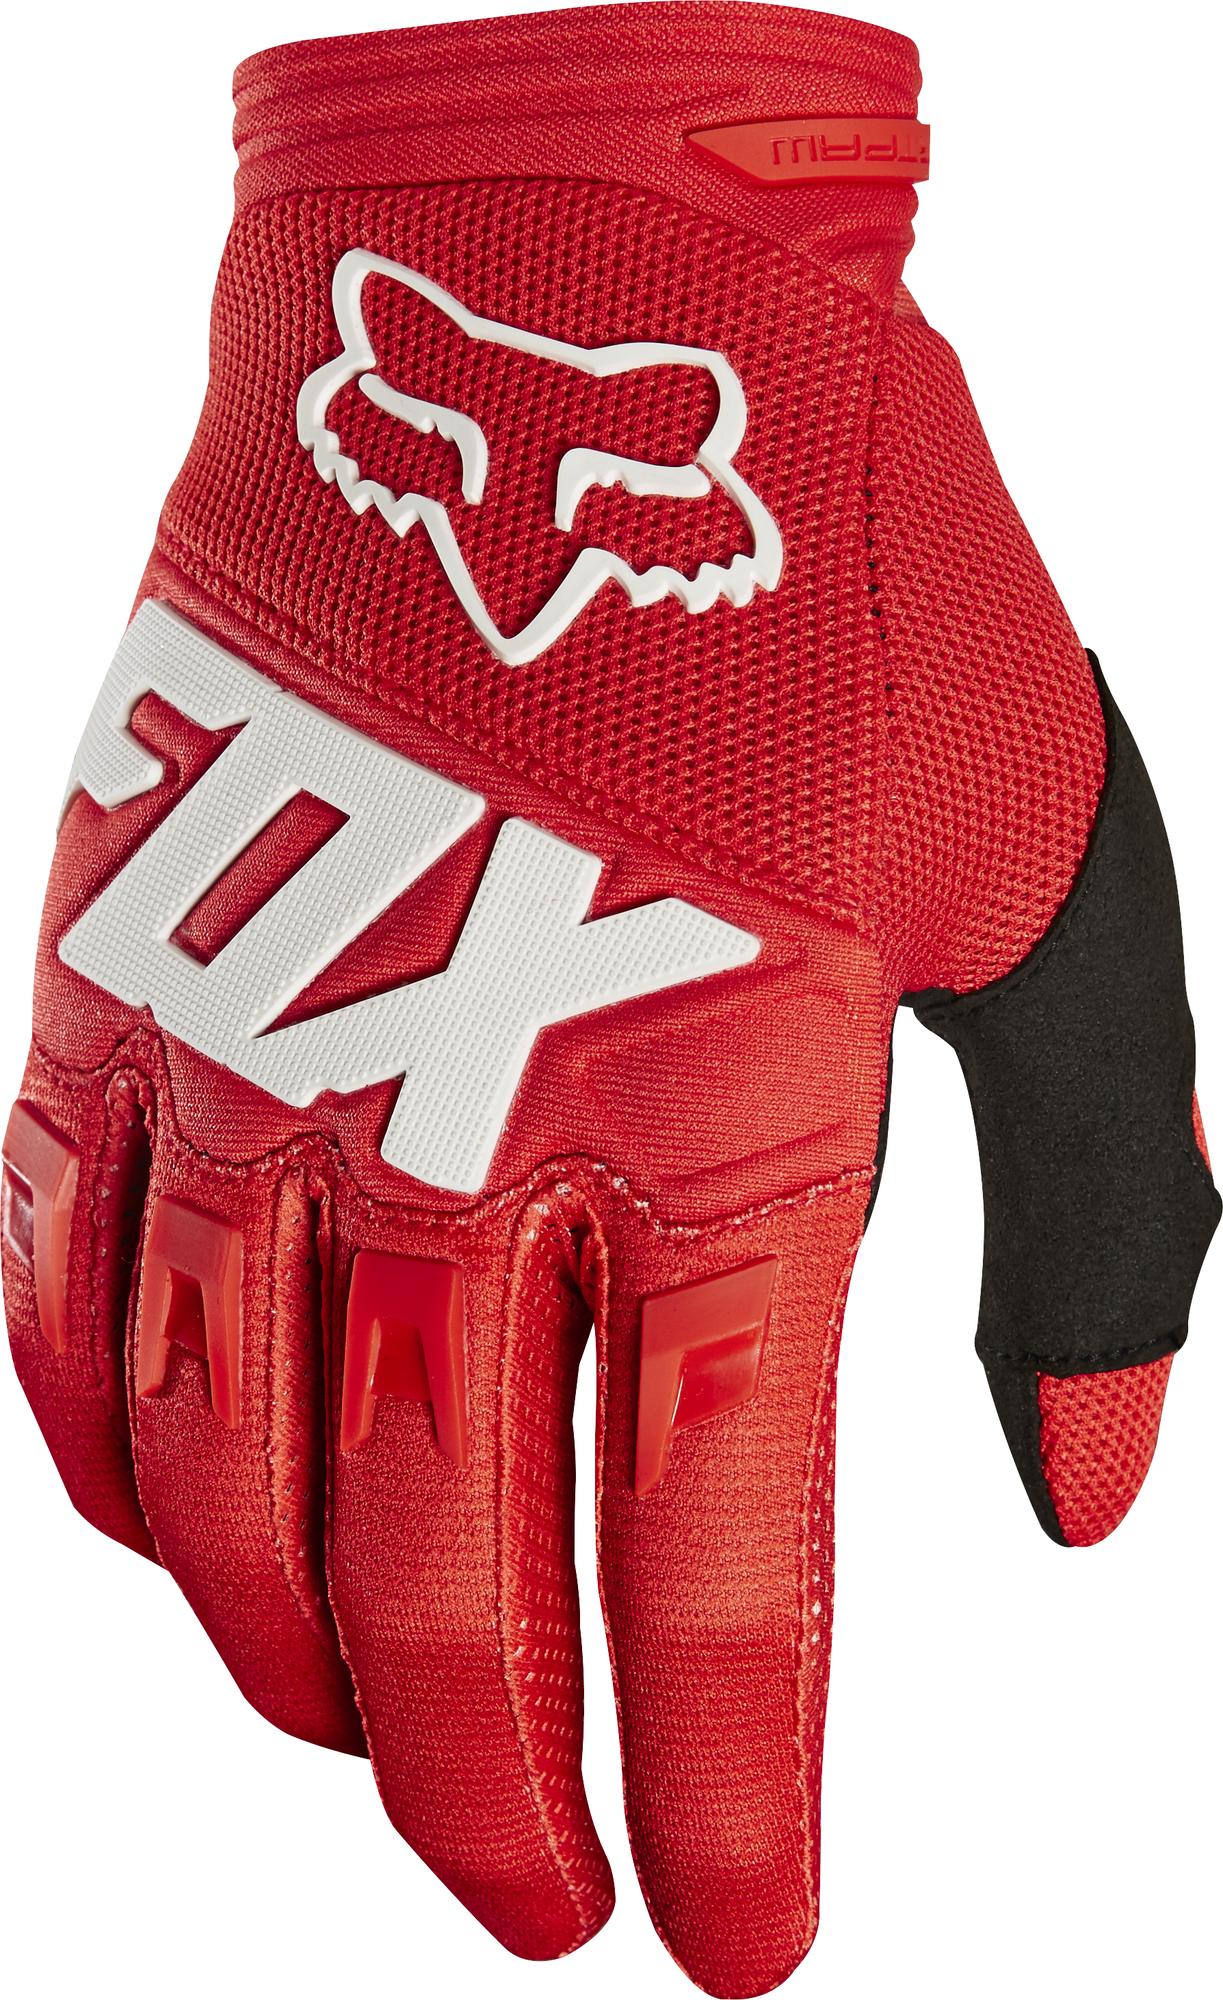 FOX - Dirtpaw Race | bike glove